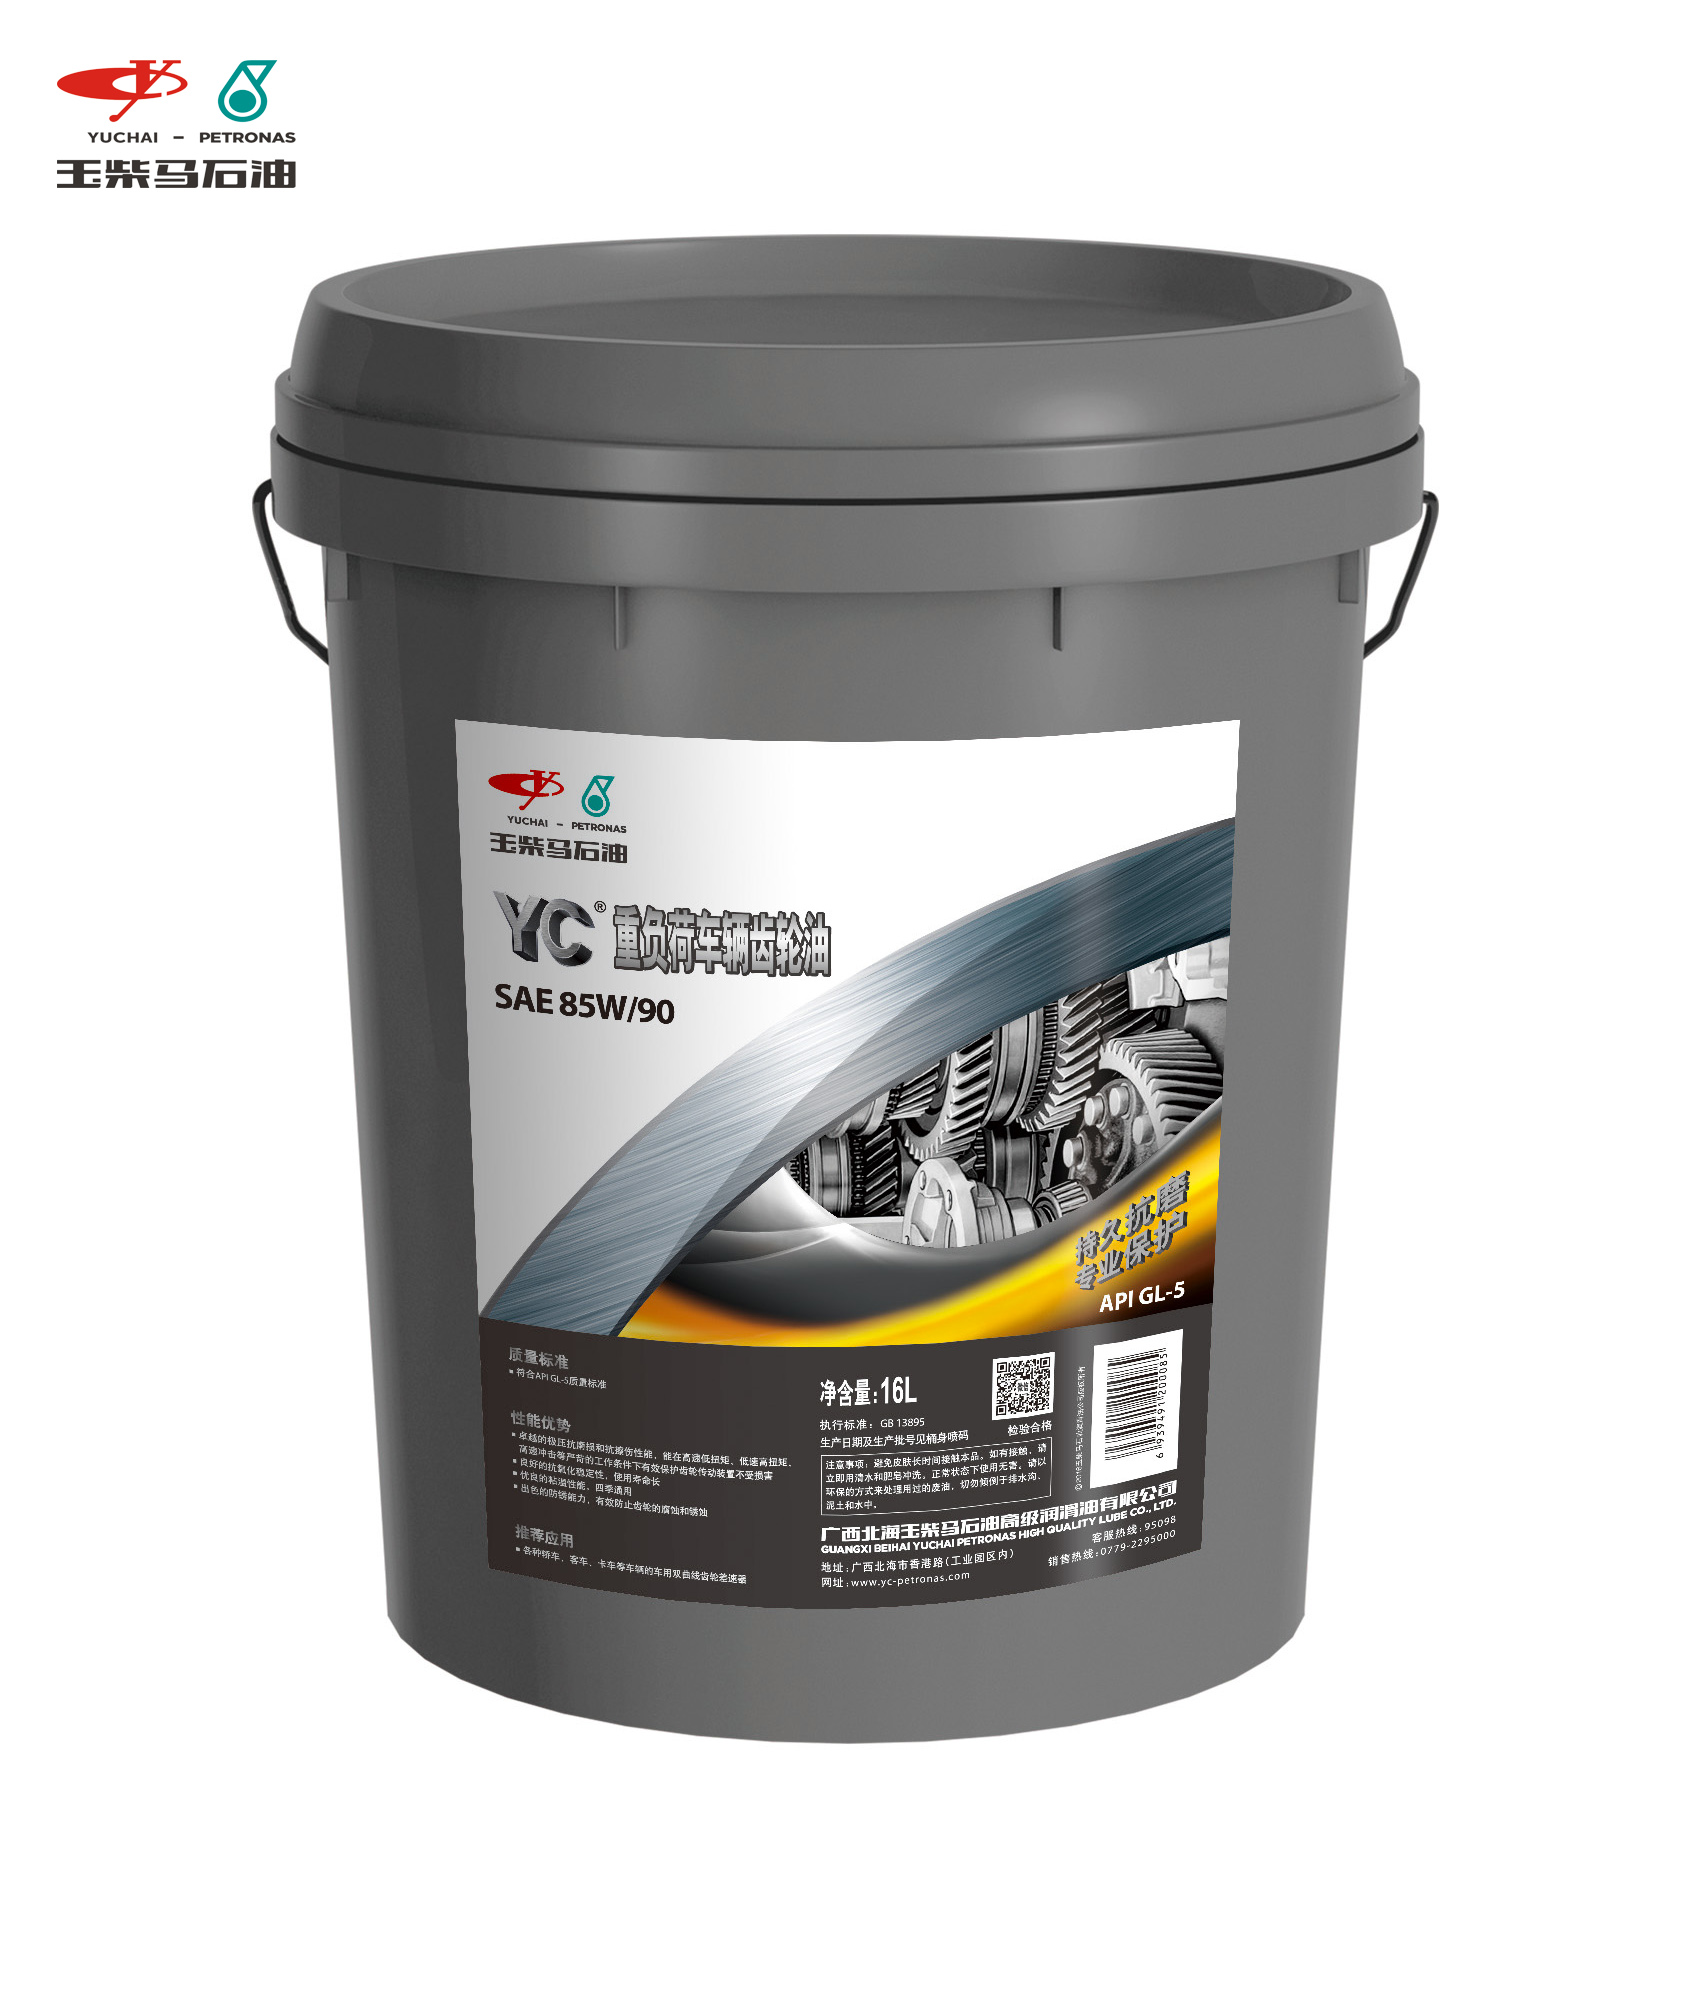 [玉柴齿轮油 YC 重负荷车辆齿轮油 GL-5 85W-90 16L 齿轮油]